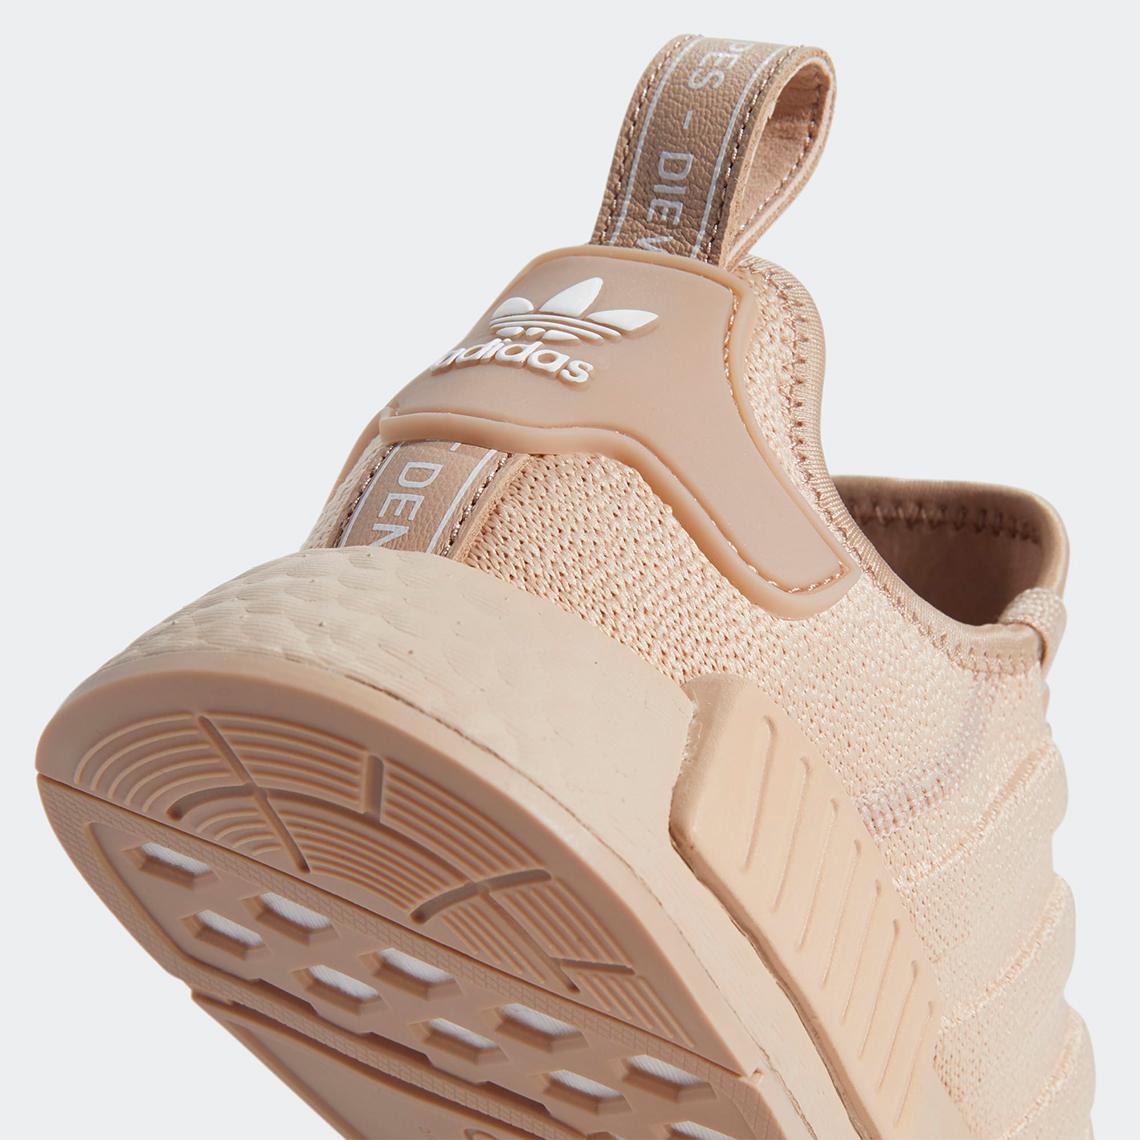 adidas NMD R1 Ash Pearl GX2593 | SneakerNews.com